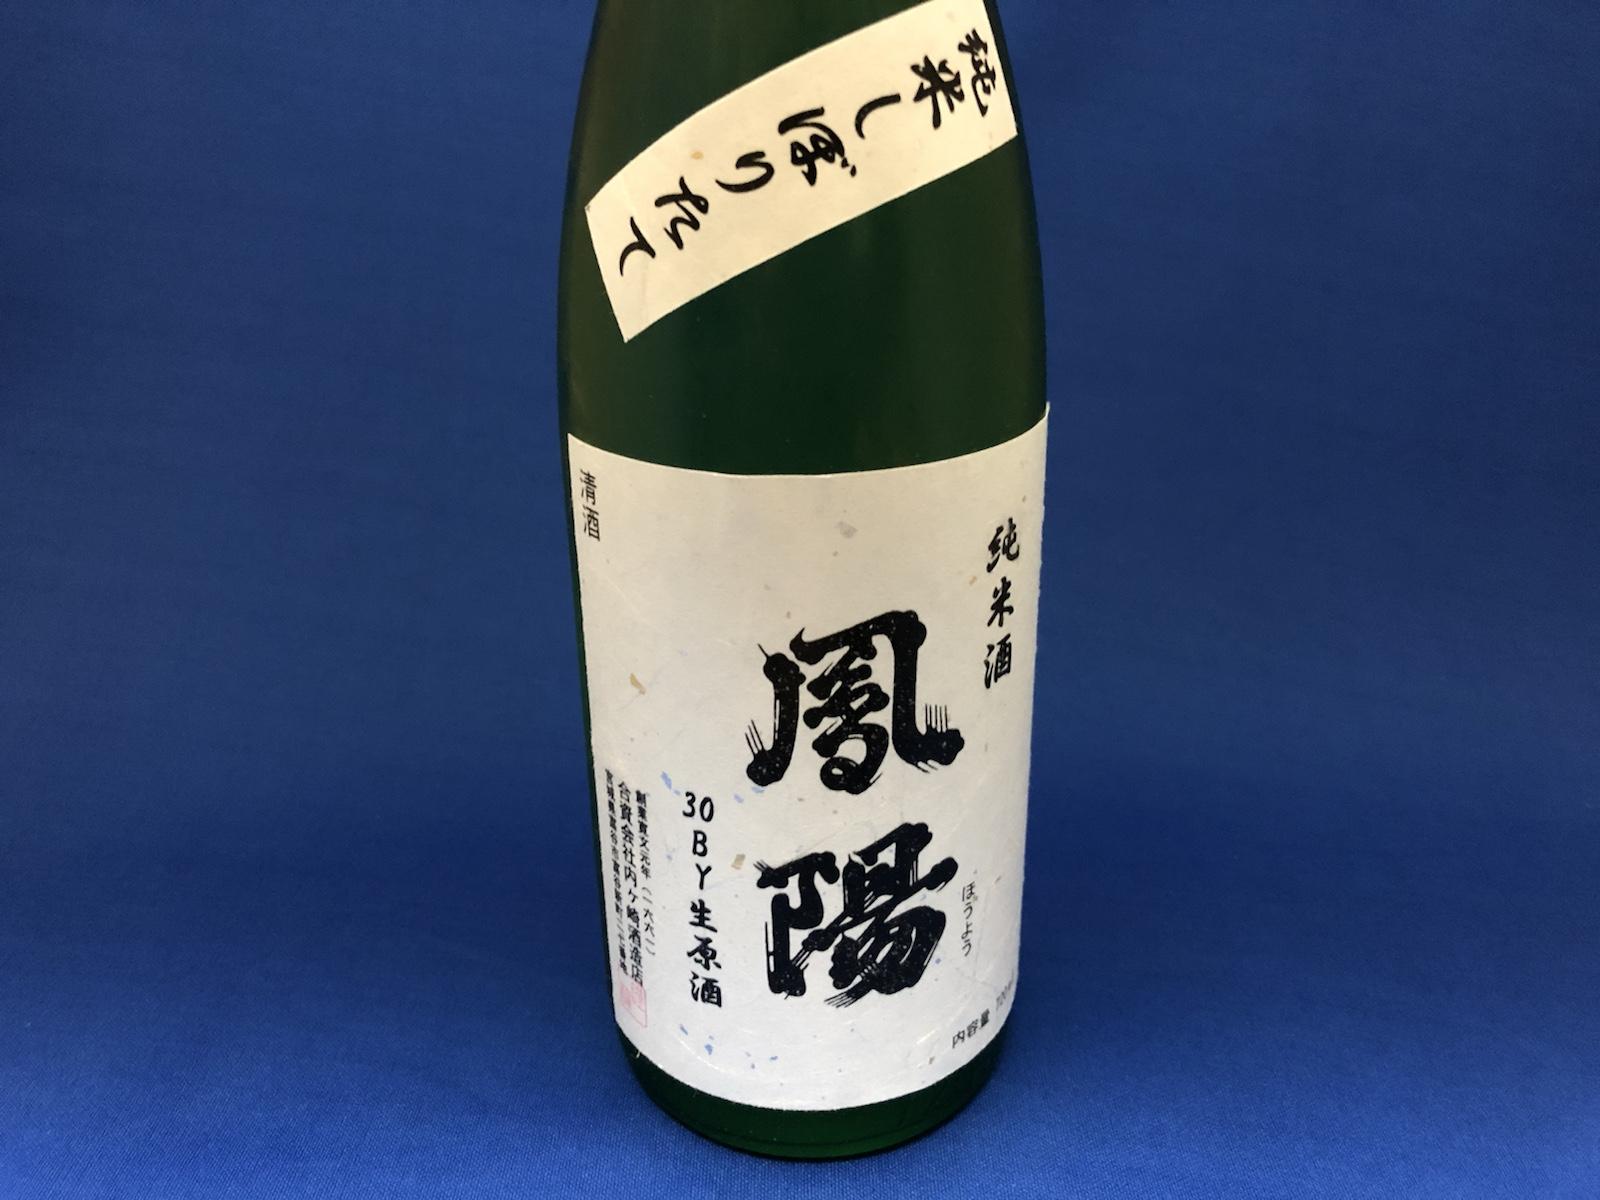 宮城最古の酒蔵が醸す、旨みとキレある日本酒「純米酒 鳳陽」